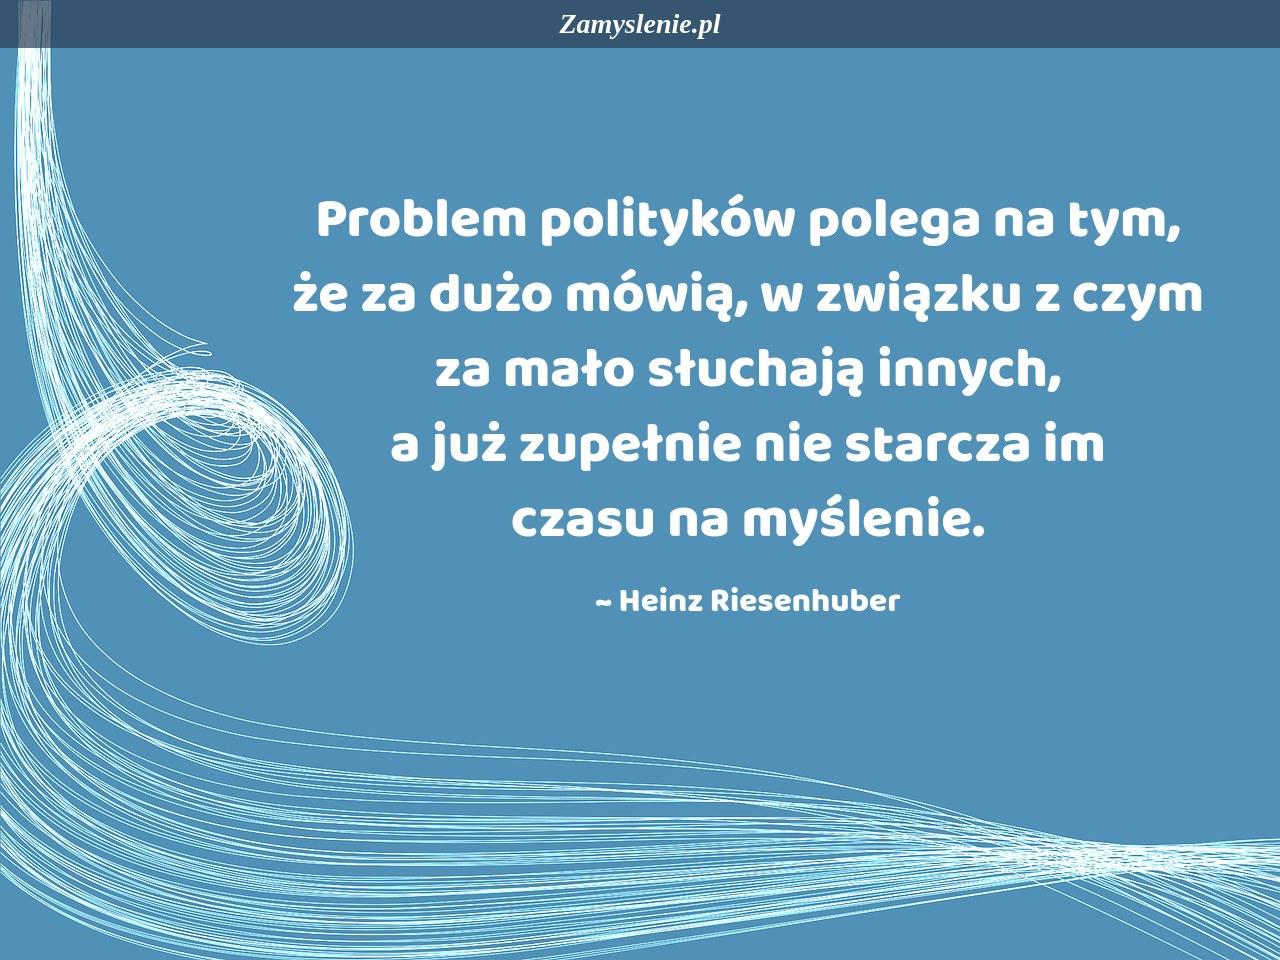 Obraz / mem do cytatu: Problem polityków polega na tym, że za dużo mówią, w związku z czym za mało słuchają innych, a już zupełnie nie starcza im czasu na myślenie.